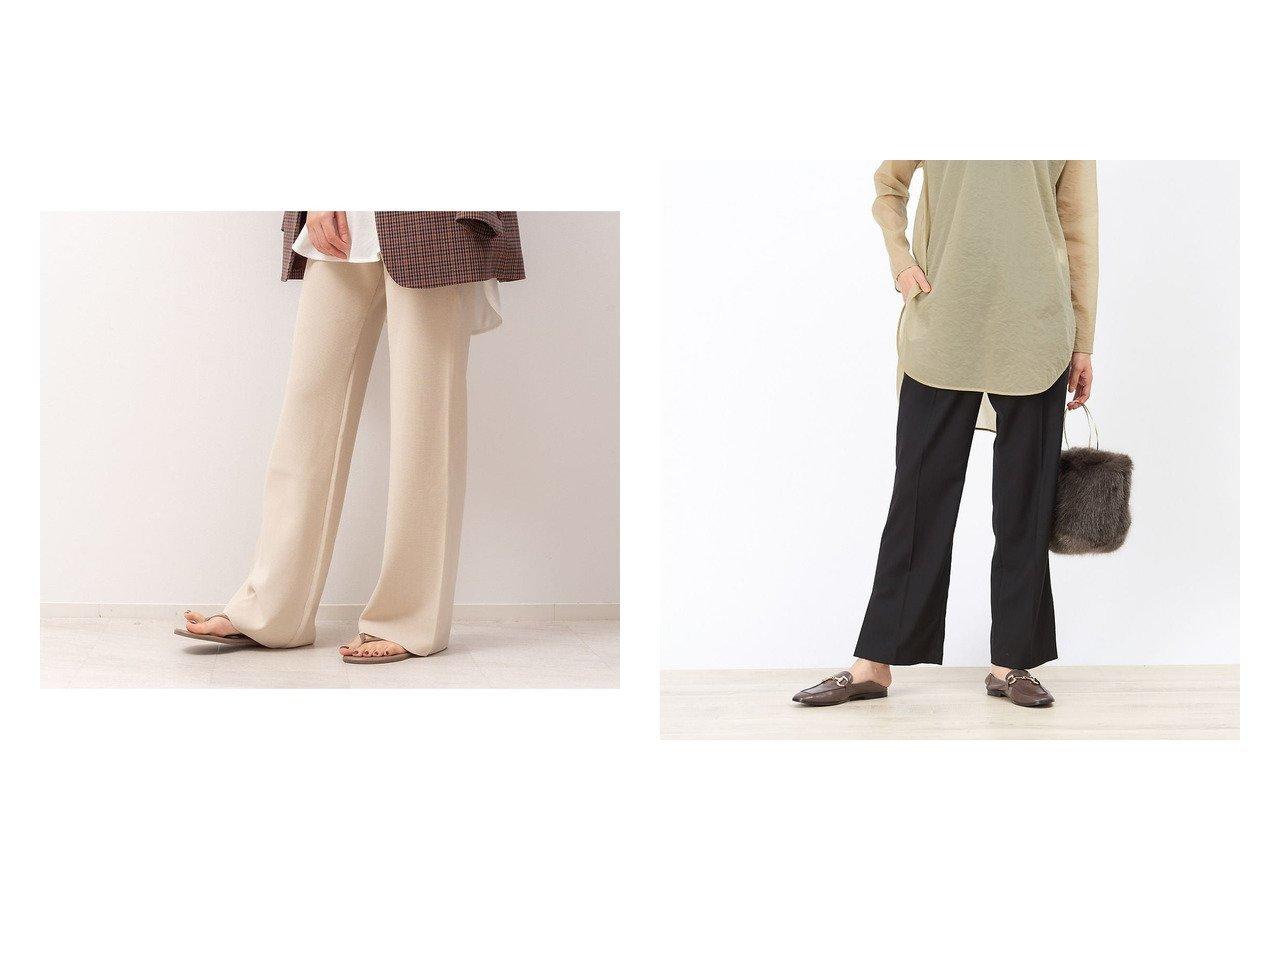 【Rouge vif la cle/ルージュヴィフラクレ】のミラノリブニットパンツ&ストレッチフレアパンツ パンツのおすすめ!人気、トレンド・レディースファッションの通販 おすすめで人気の流行・トレンド、ファッションの通販商品 メンズファッション・キッズファッション・インテリア・家具・レディースファッション・服の通販 founy(ファニー) https://founy.com/ ファッション Fashion レディースファッション WOMEN パンツ Pants 2020年 2020 2020-2021 秋冬 A/W AW Autumn/Winter / FW Fall-Winter 2020-2021 A/W 秋冬 AW Autumn/Winter / FW Fall-Winter ストレッチ ストレート フレア ロング ミラノリブ 冬 Winter |ID:crp329100000016070